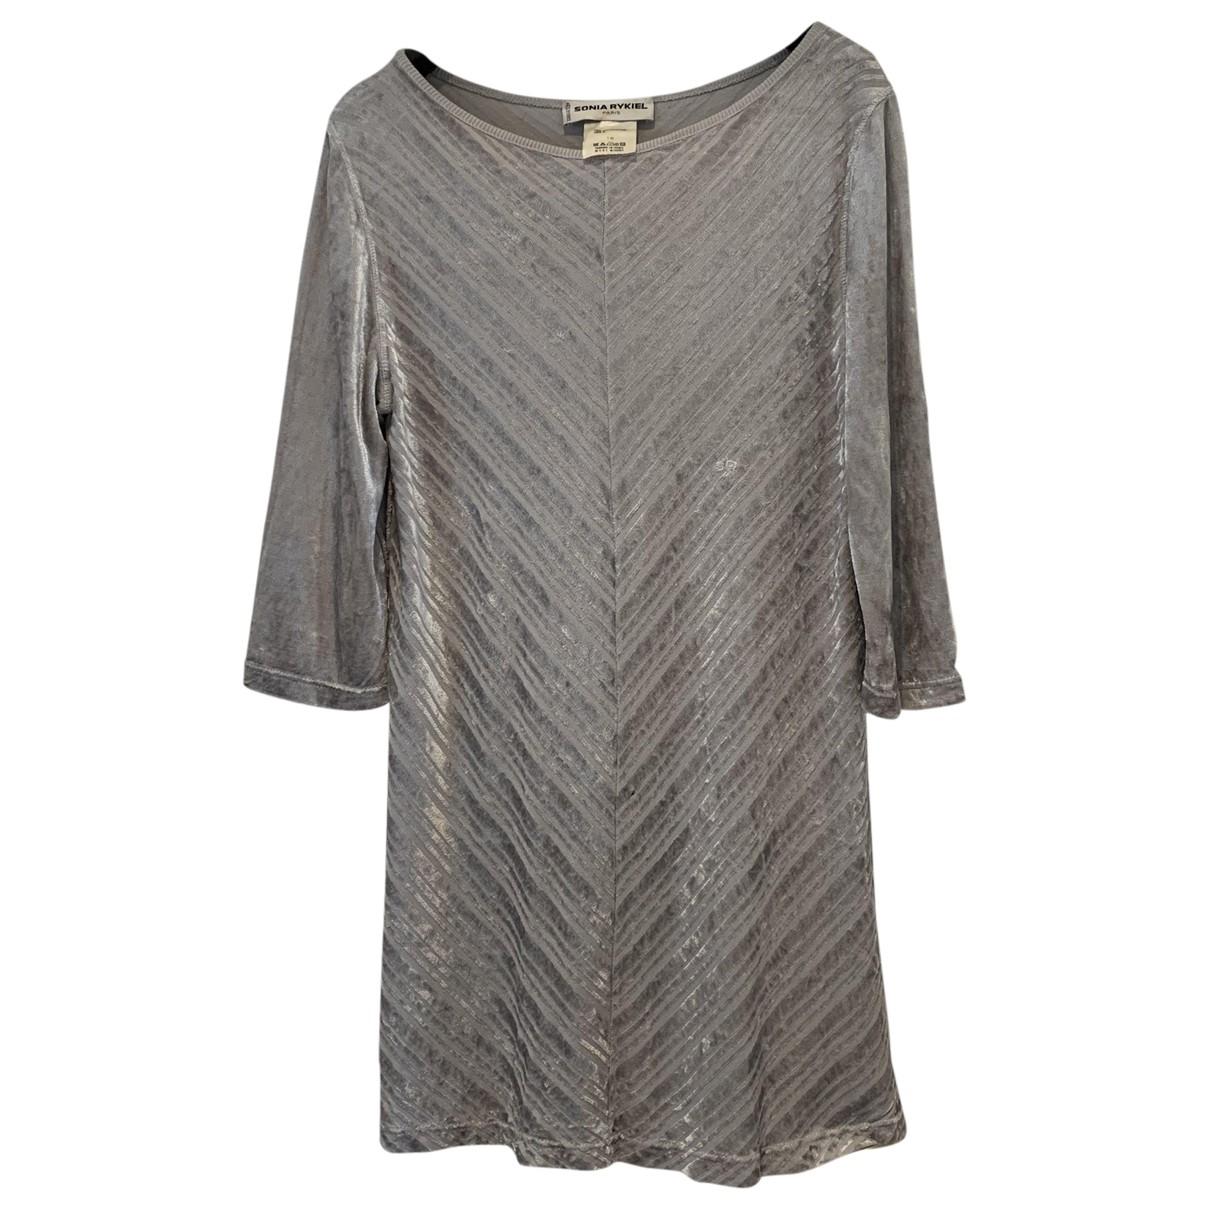 Sonia Rykiel - Robe   pour femme - gris